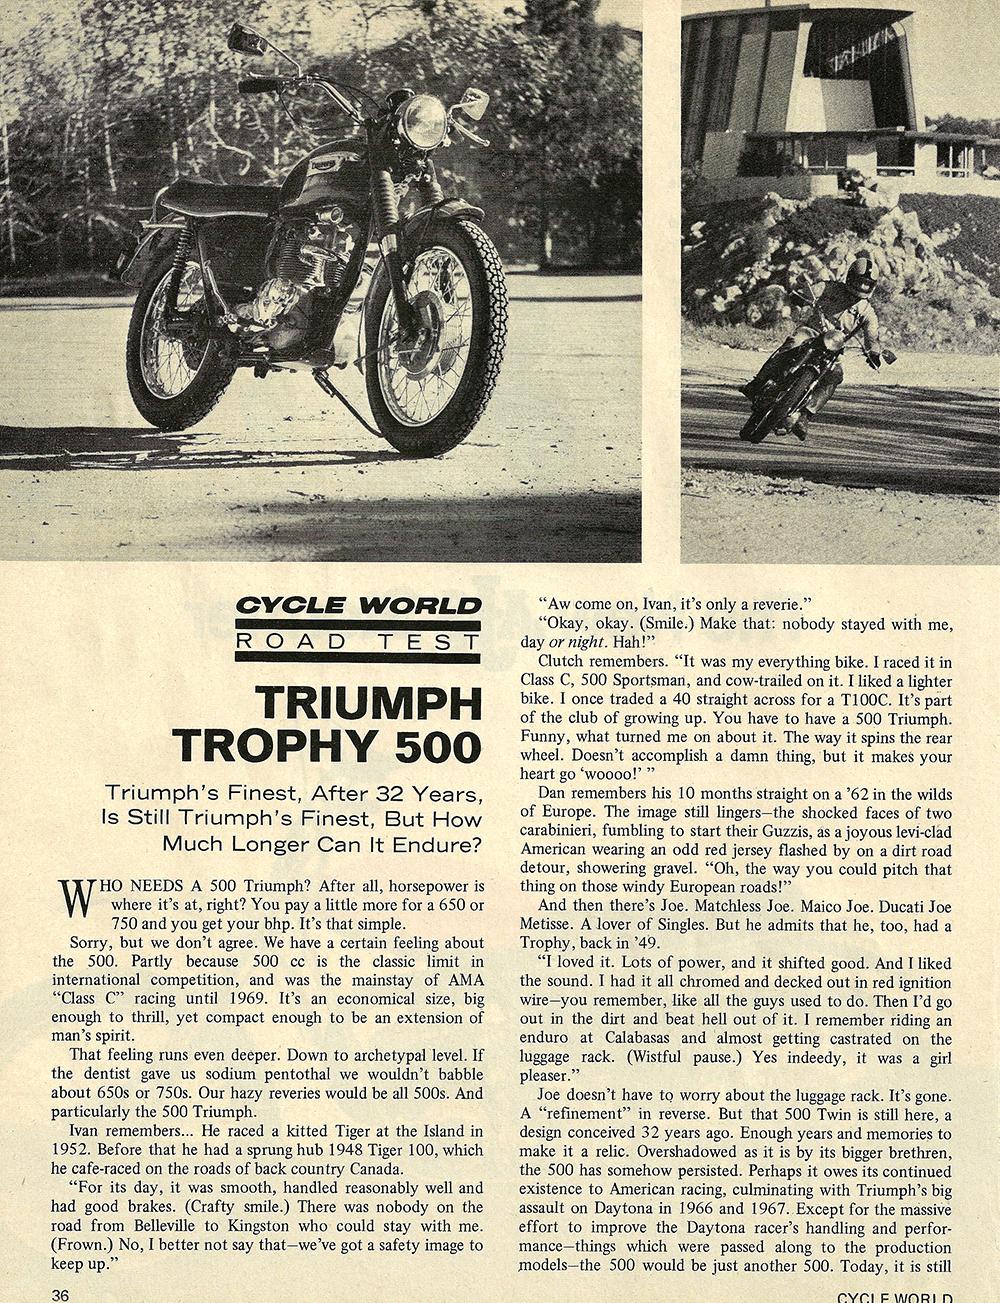 1970 Triumph Trophy 500 road test 01.jpg